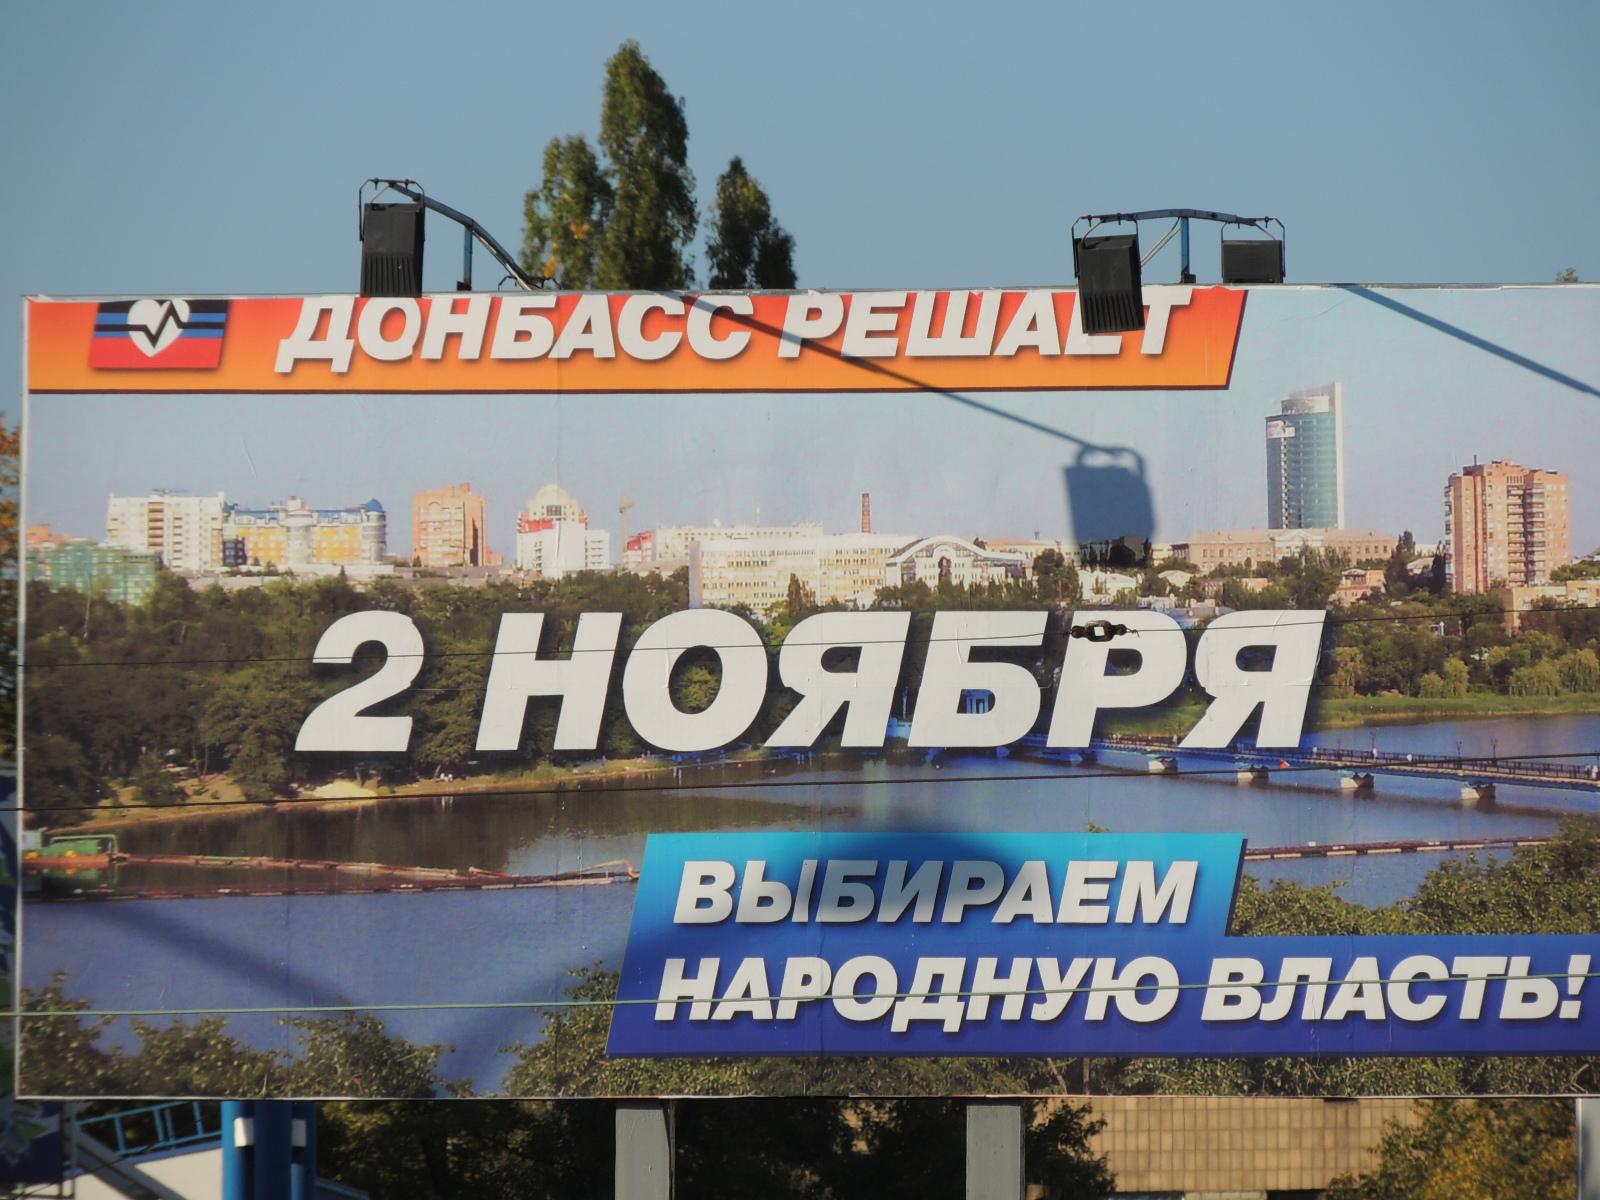 В предверии выборов в ДНР снято девять агитационных видеороликов